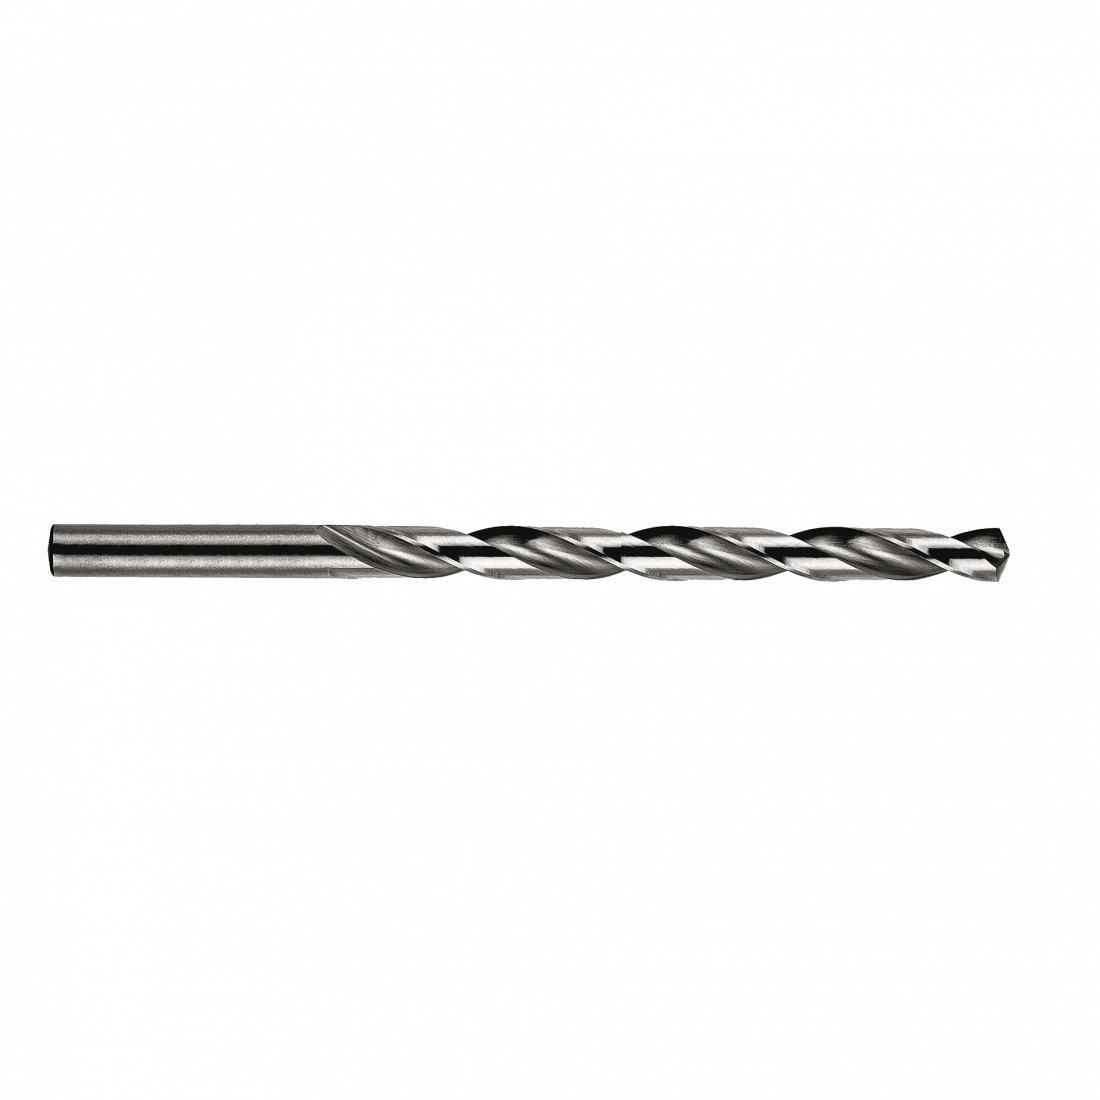 Сверлo по металлу Heller НSS-G Super DIN 340 сверхдлиннoе 10х121х184мм